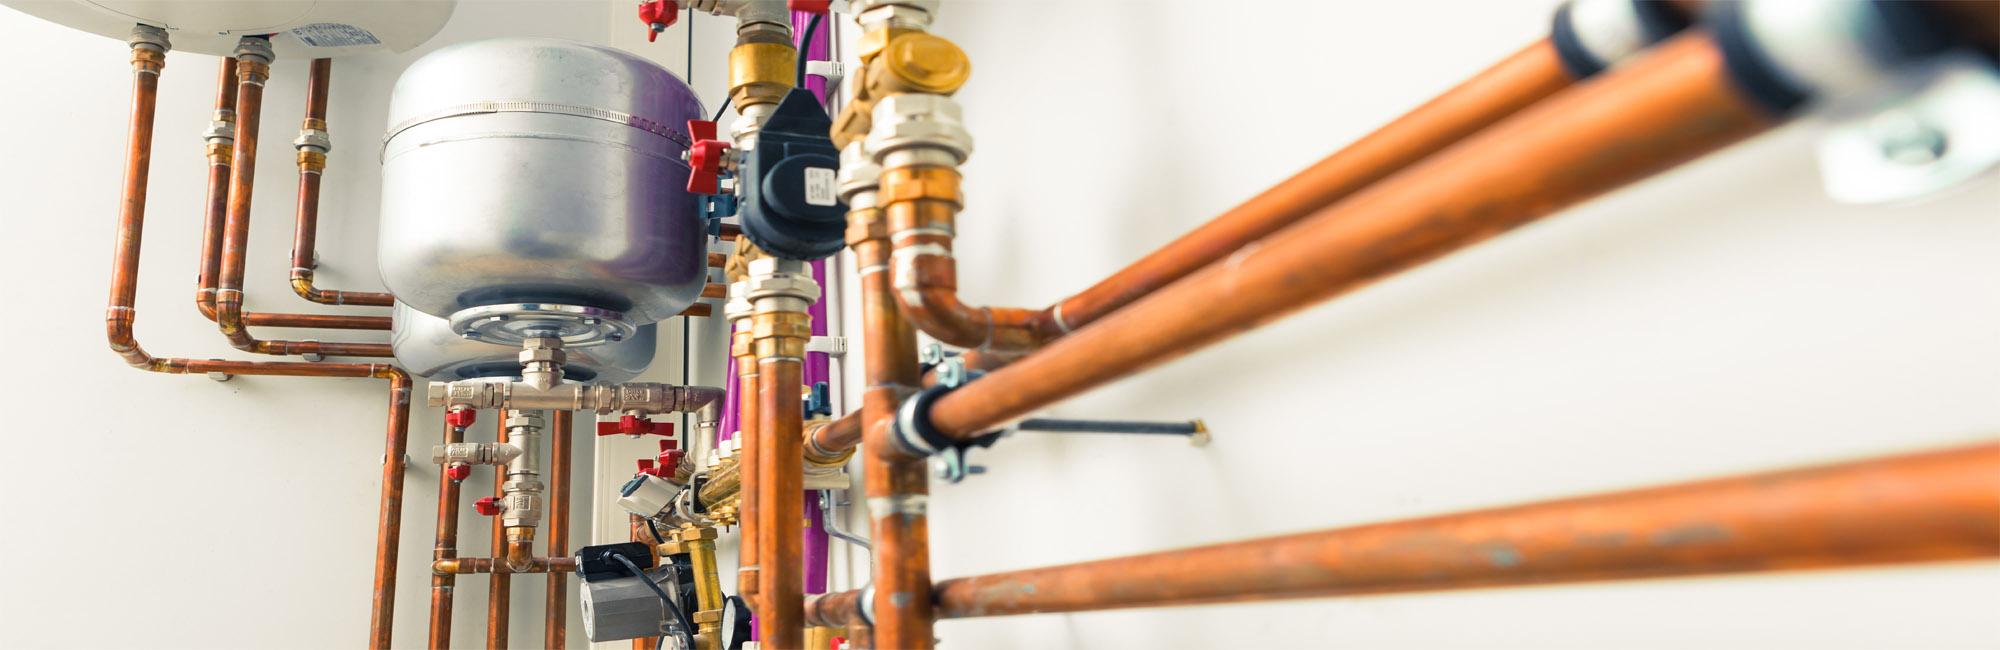 Ottimizzare Riscaldamento A Pavimento impianti di riscaldamento a pavimento a soffitto a parete